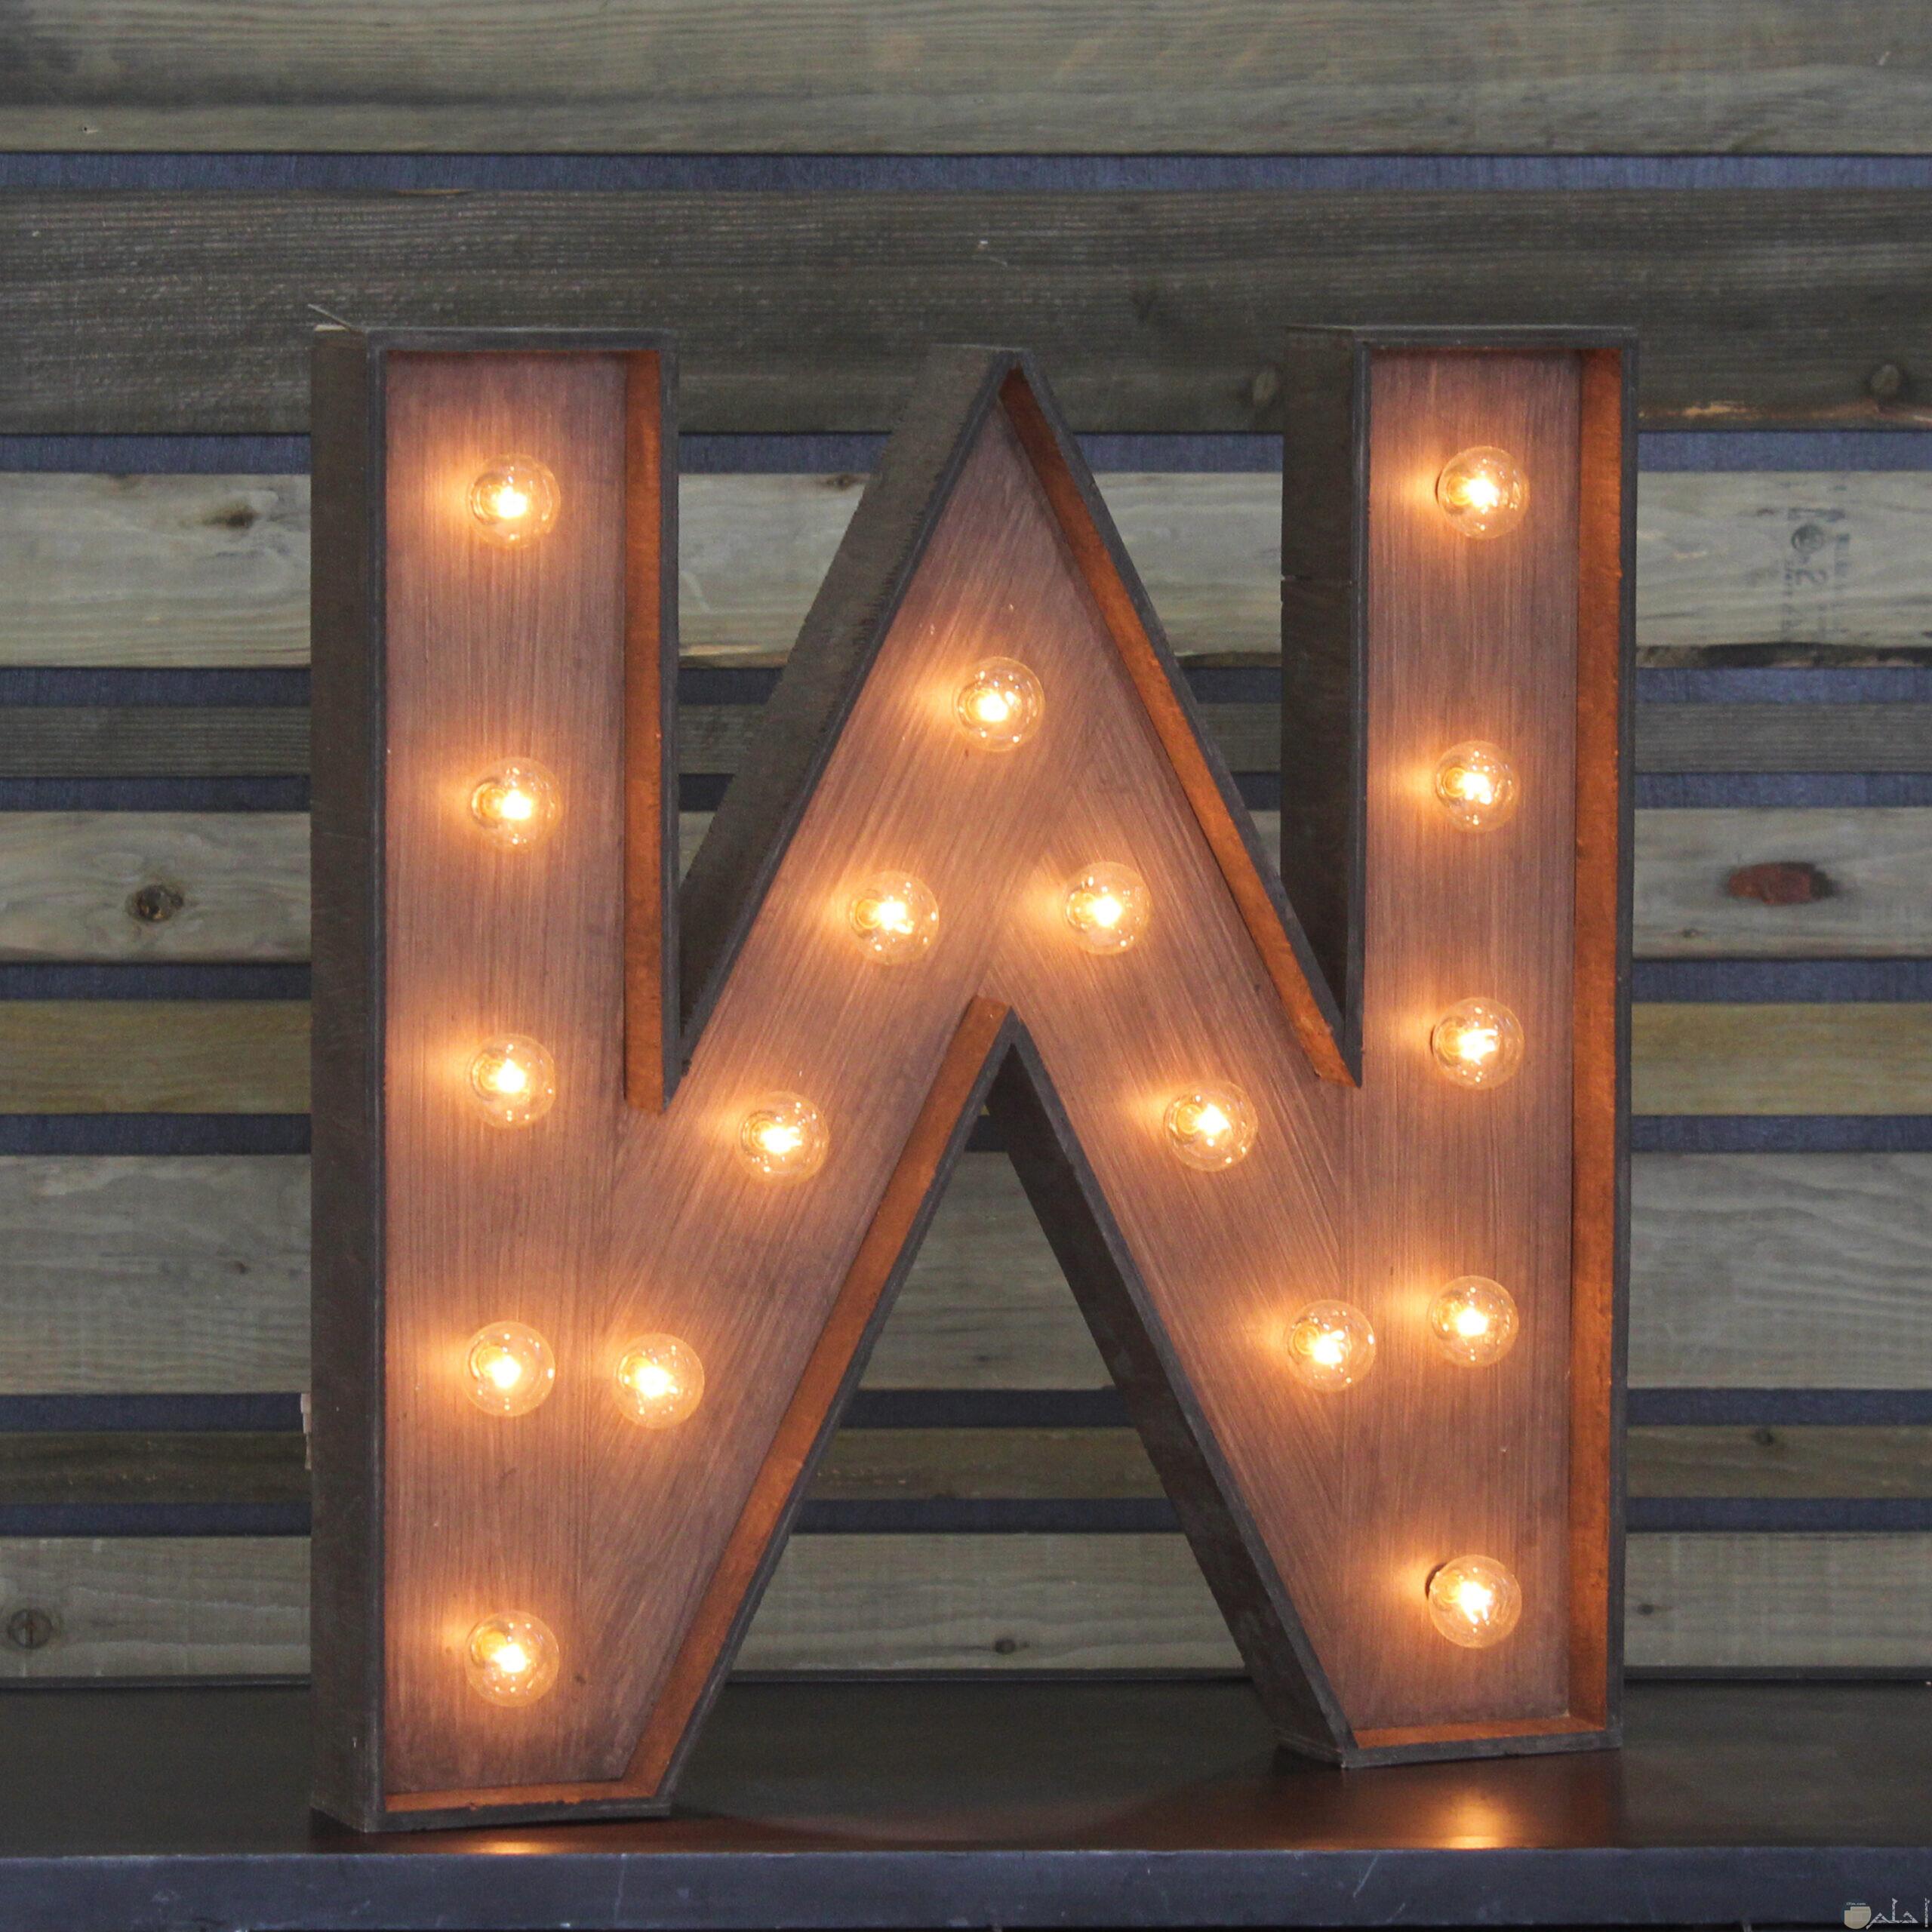 حرف w بالإضاءة الرقيقة.